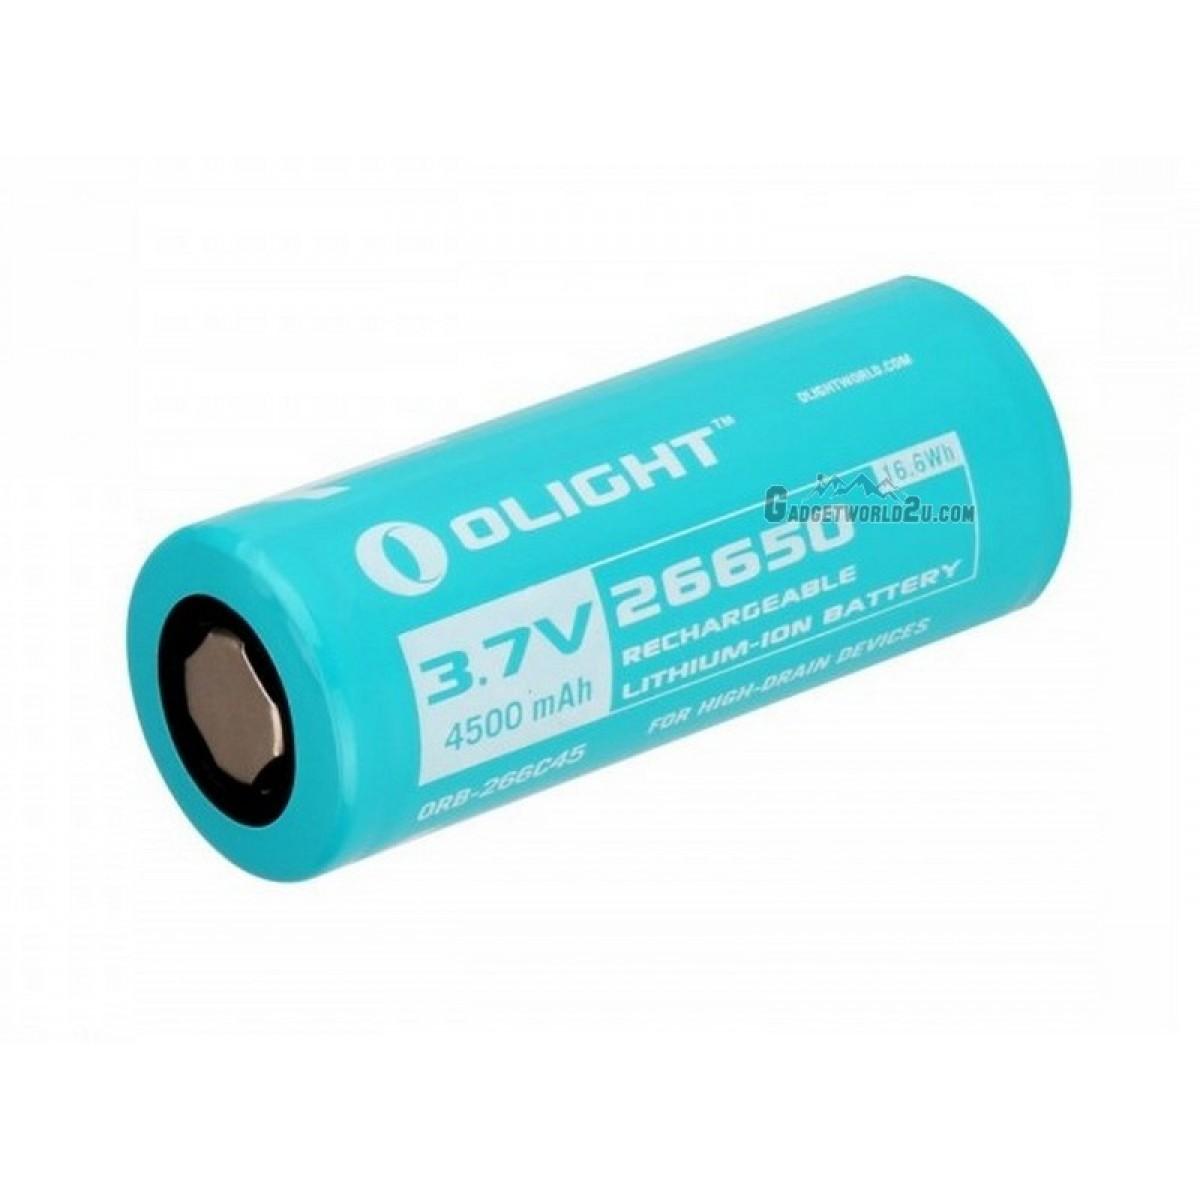 Olight Custom 26650 3.7V 4500mAh Li-ion Battery for R50 / R50 Pro